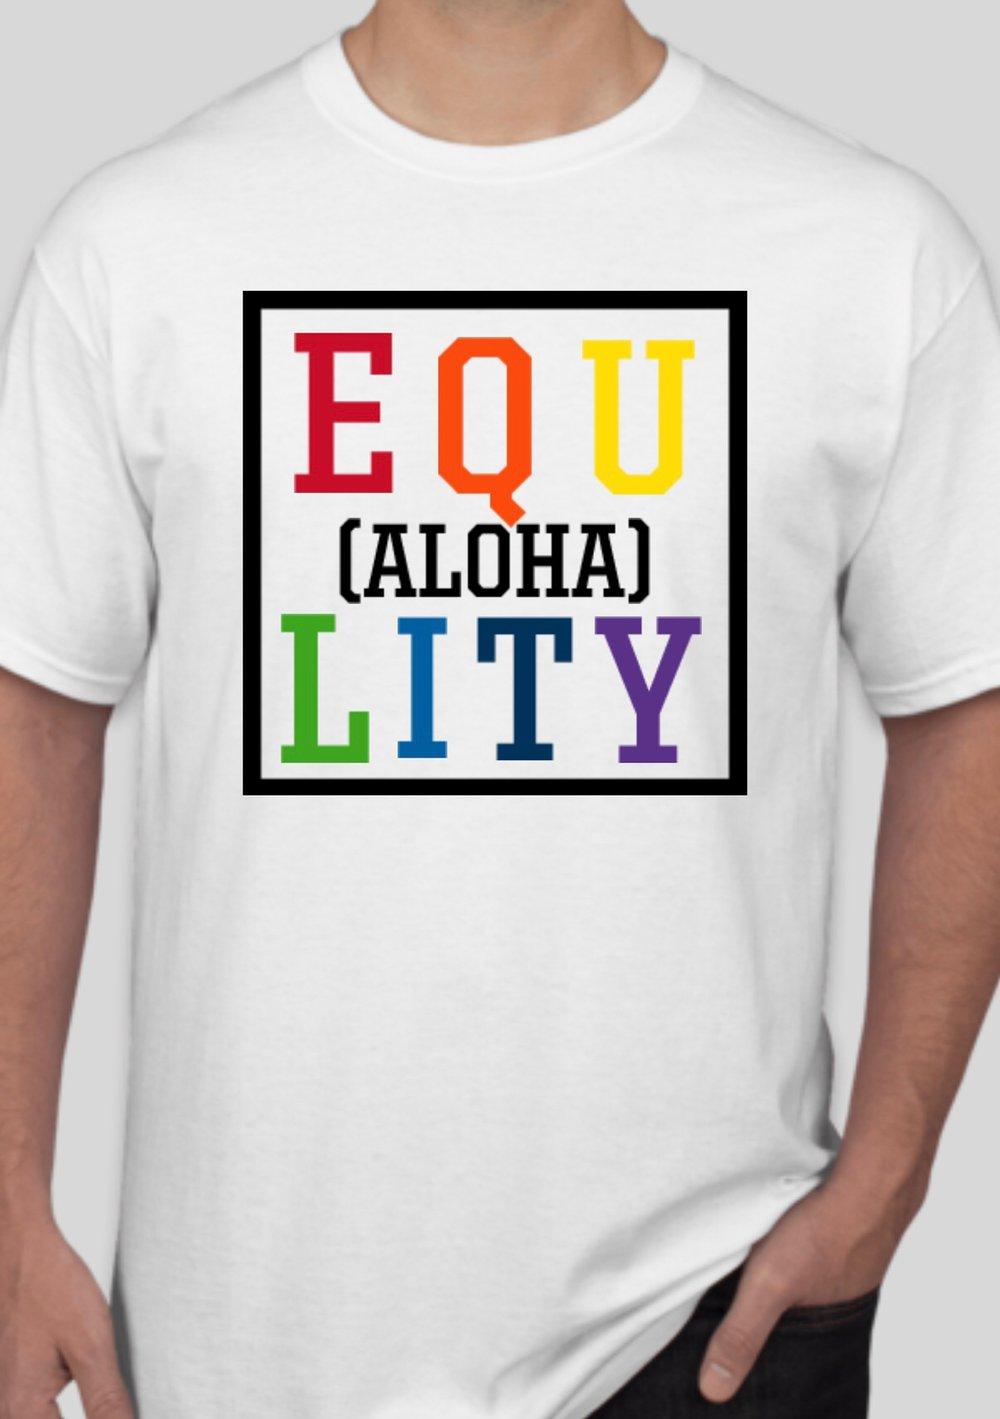 Pride'18 Equ(aloha)lity